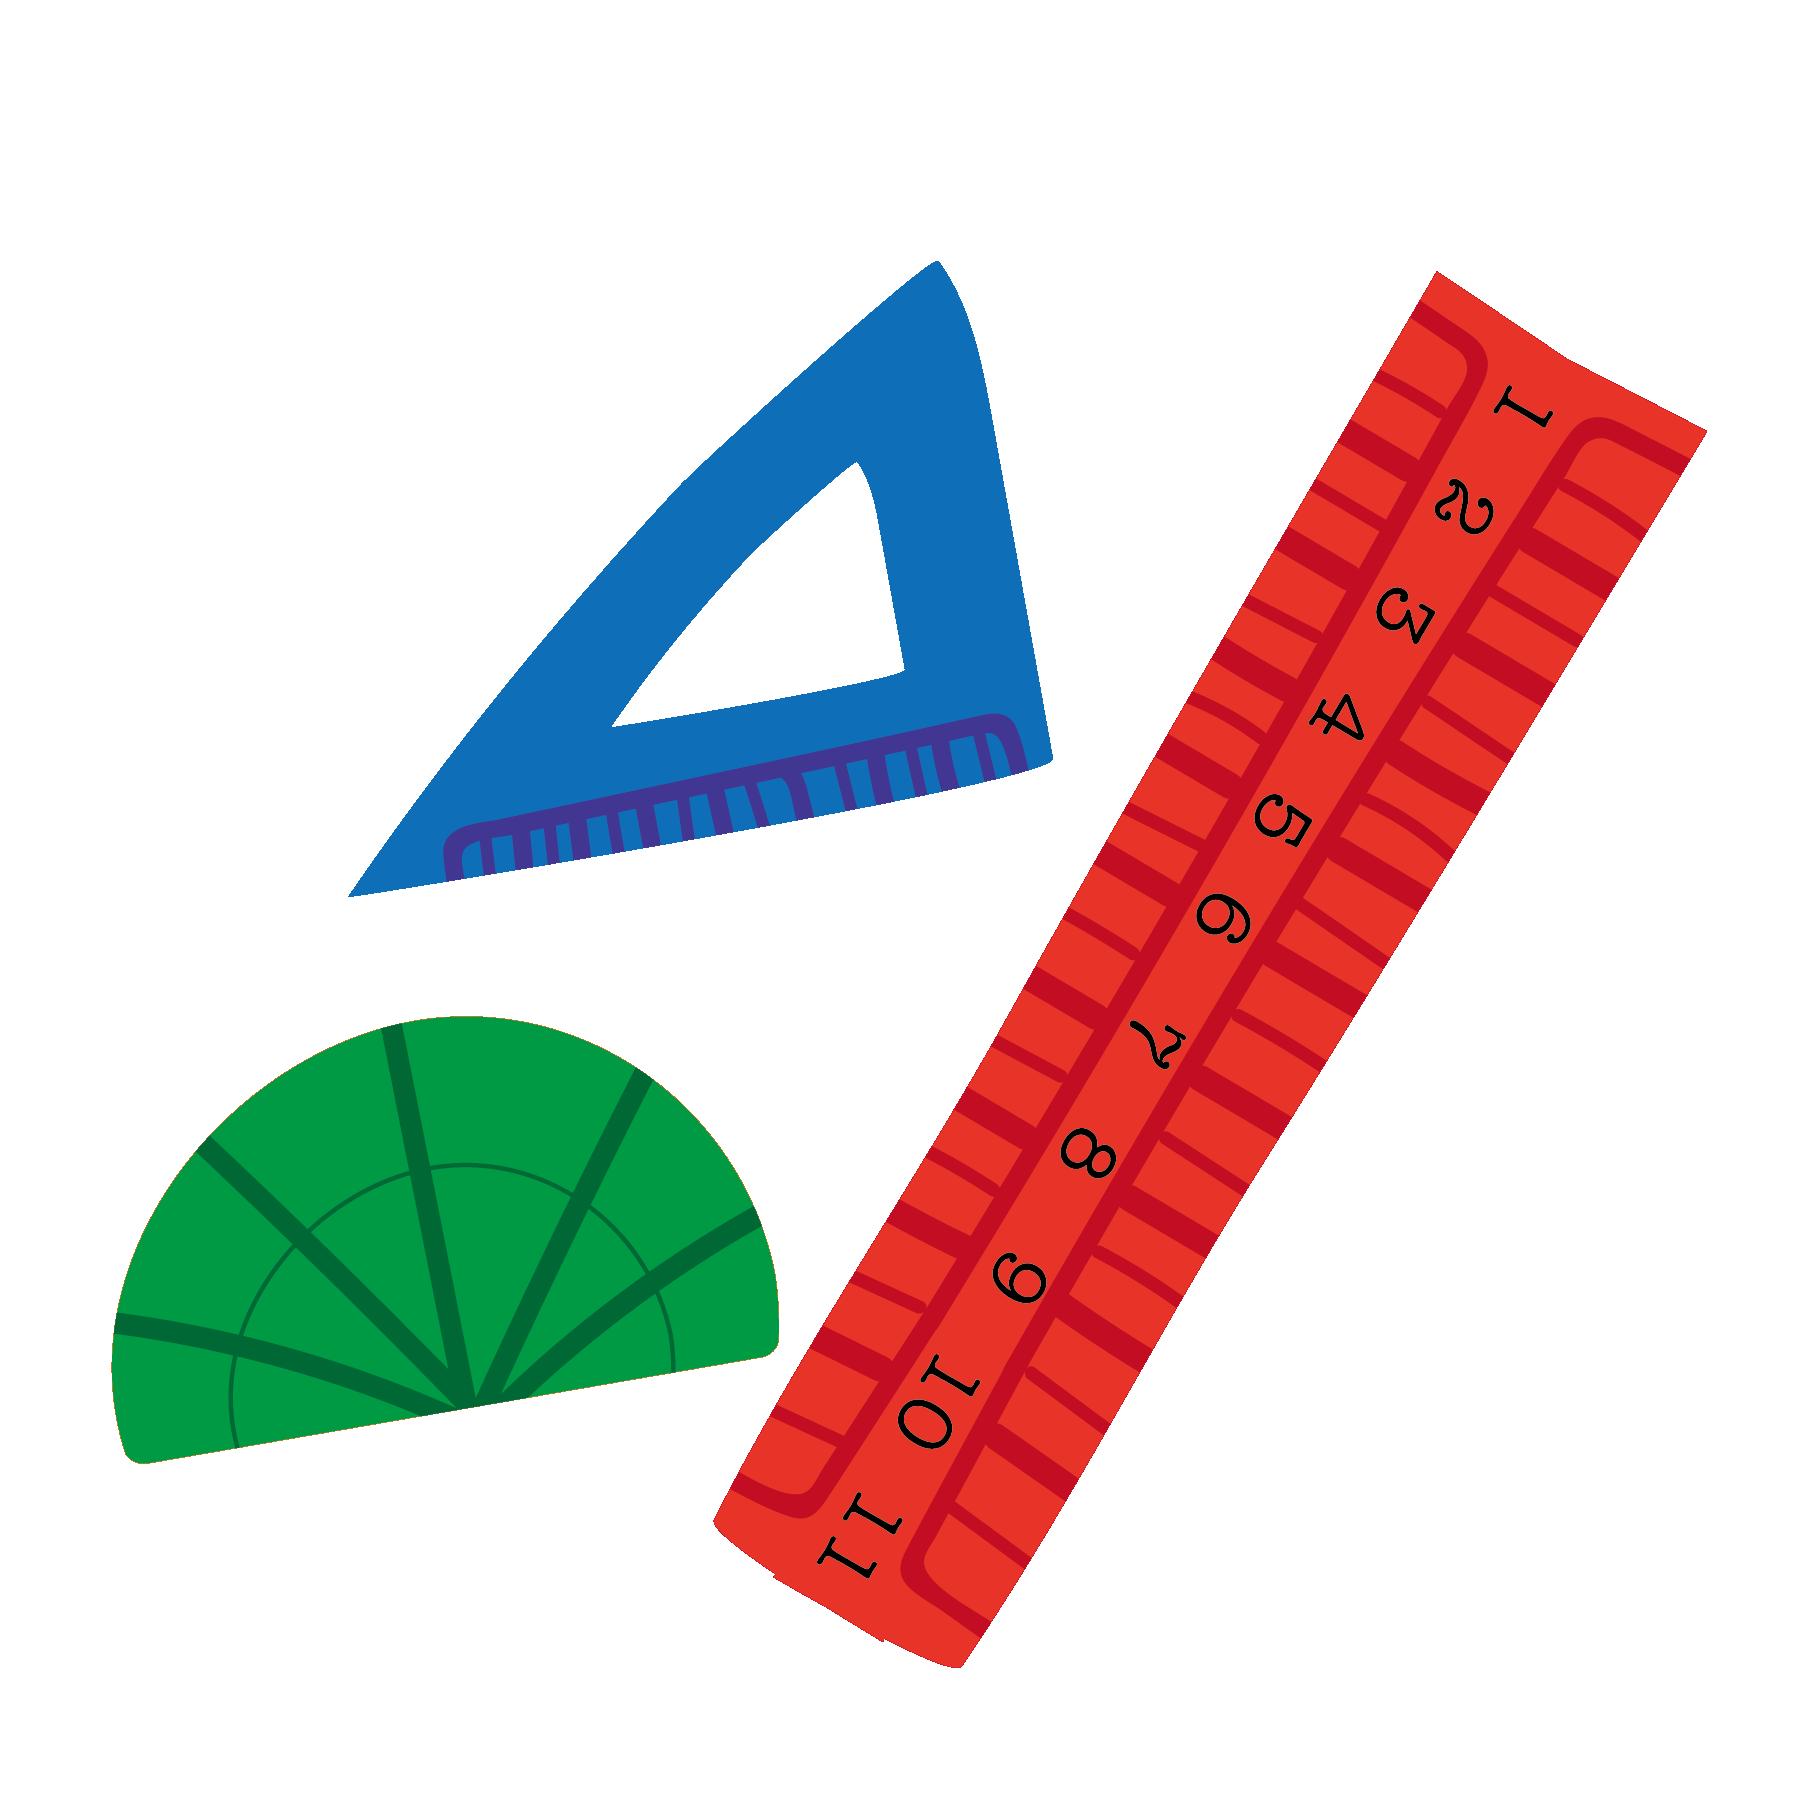 カラフルな定規分度器三角定規の 無料 イラスト 商用フリー無料